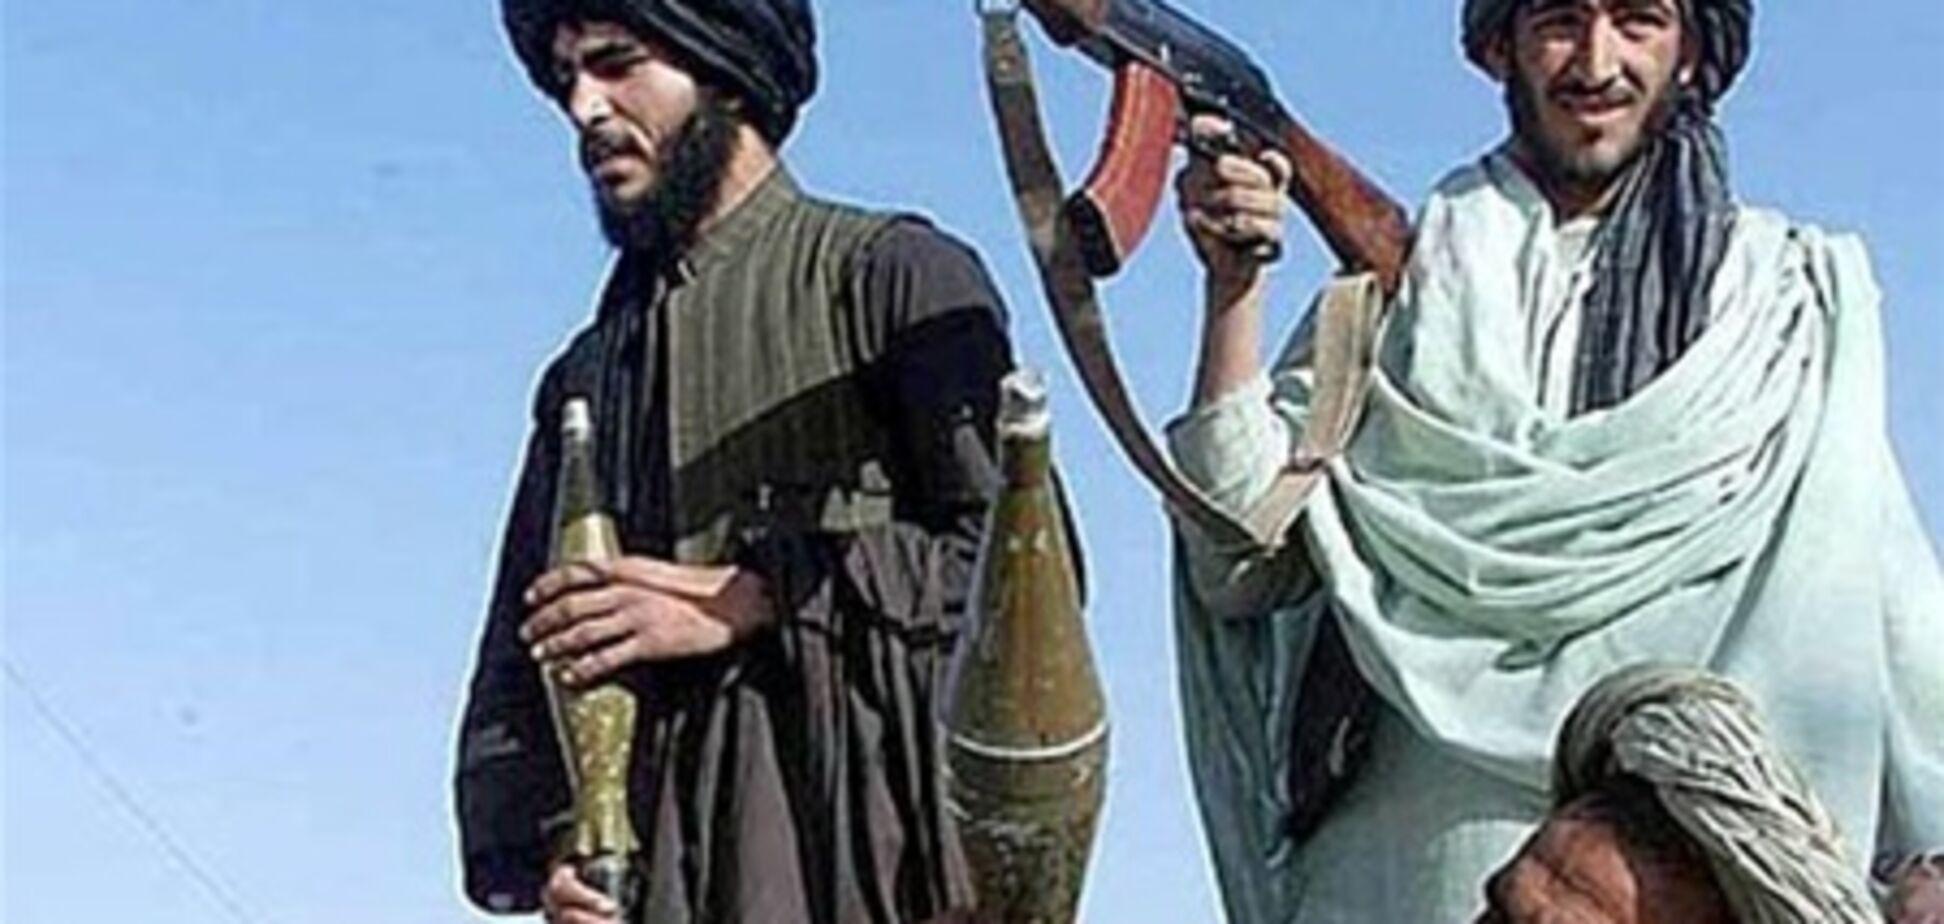 В Интернете появилось новое аудиообращение главы 'Аль-Каиды'